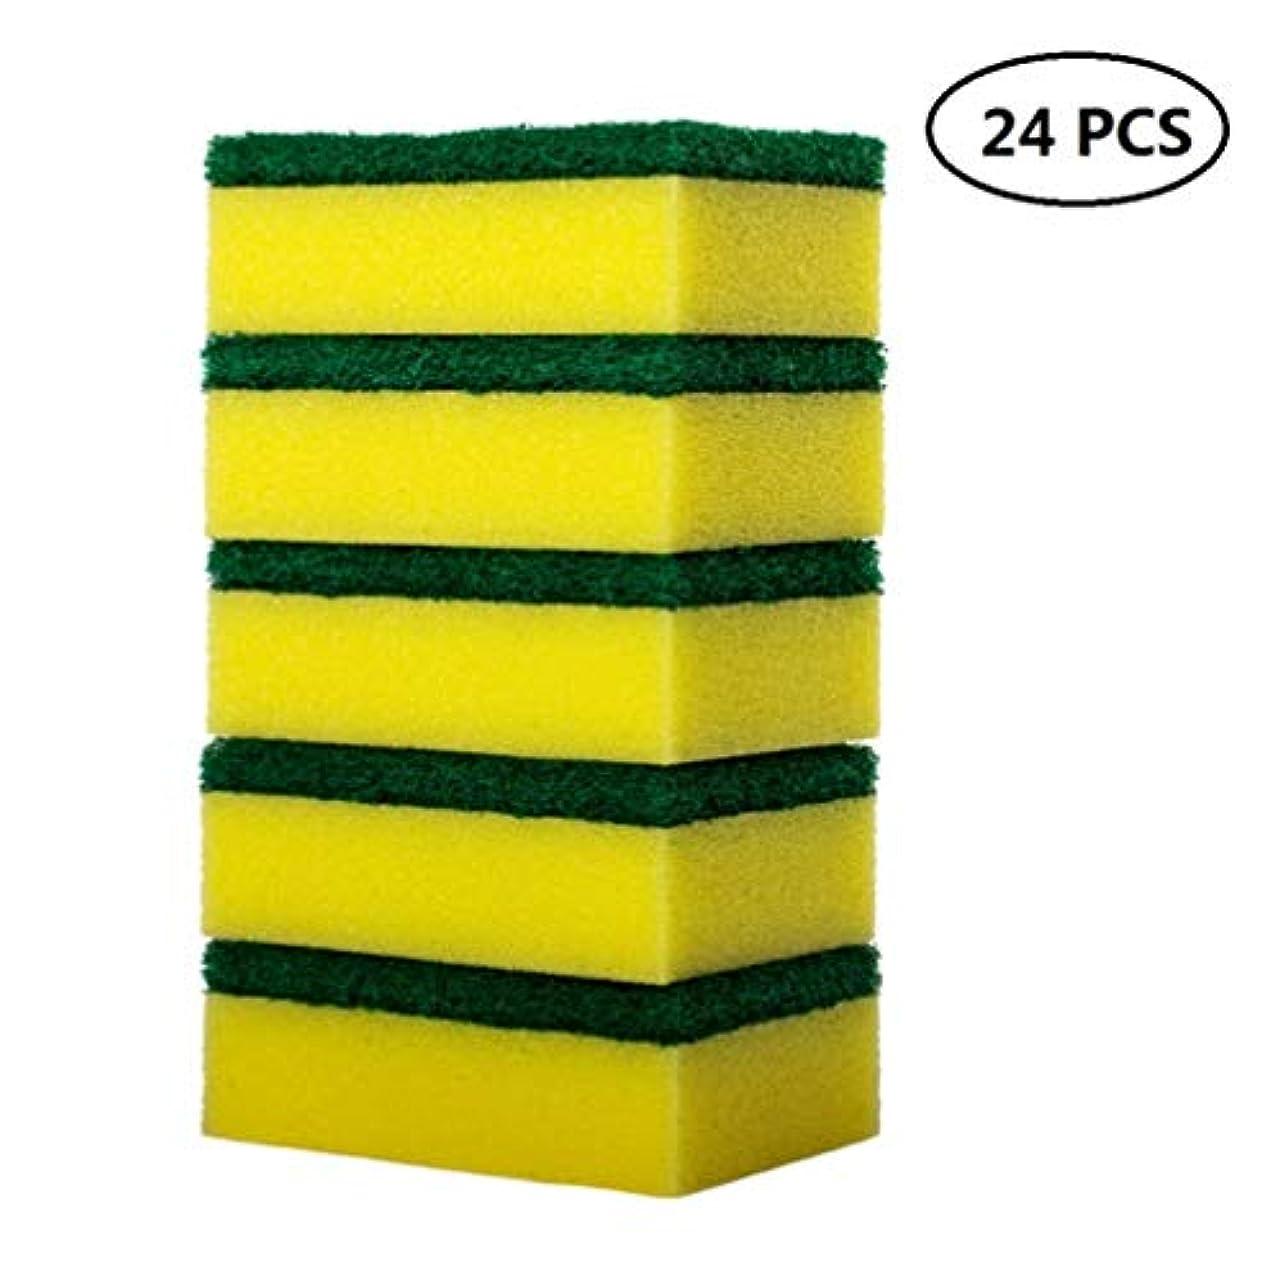 円形のバーガーグローブBESTONZON 24ピーススポンジ精練パッド食器洗いスポンジキッチンクリーニングナノコットン洗浄ポットブラシ(黄色+緑)